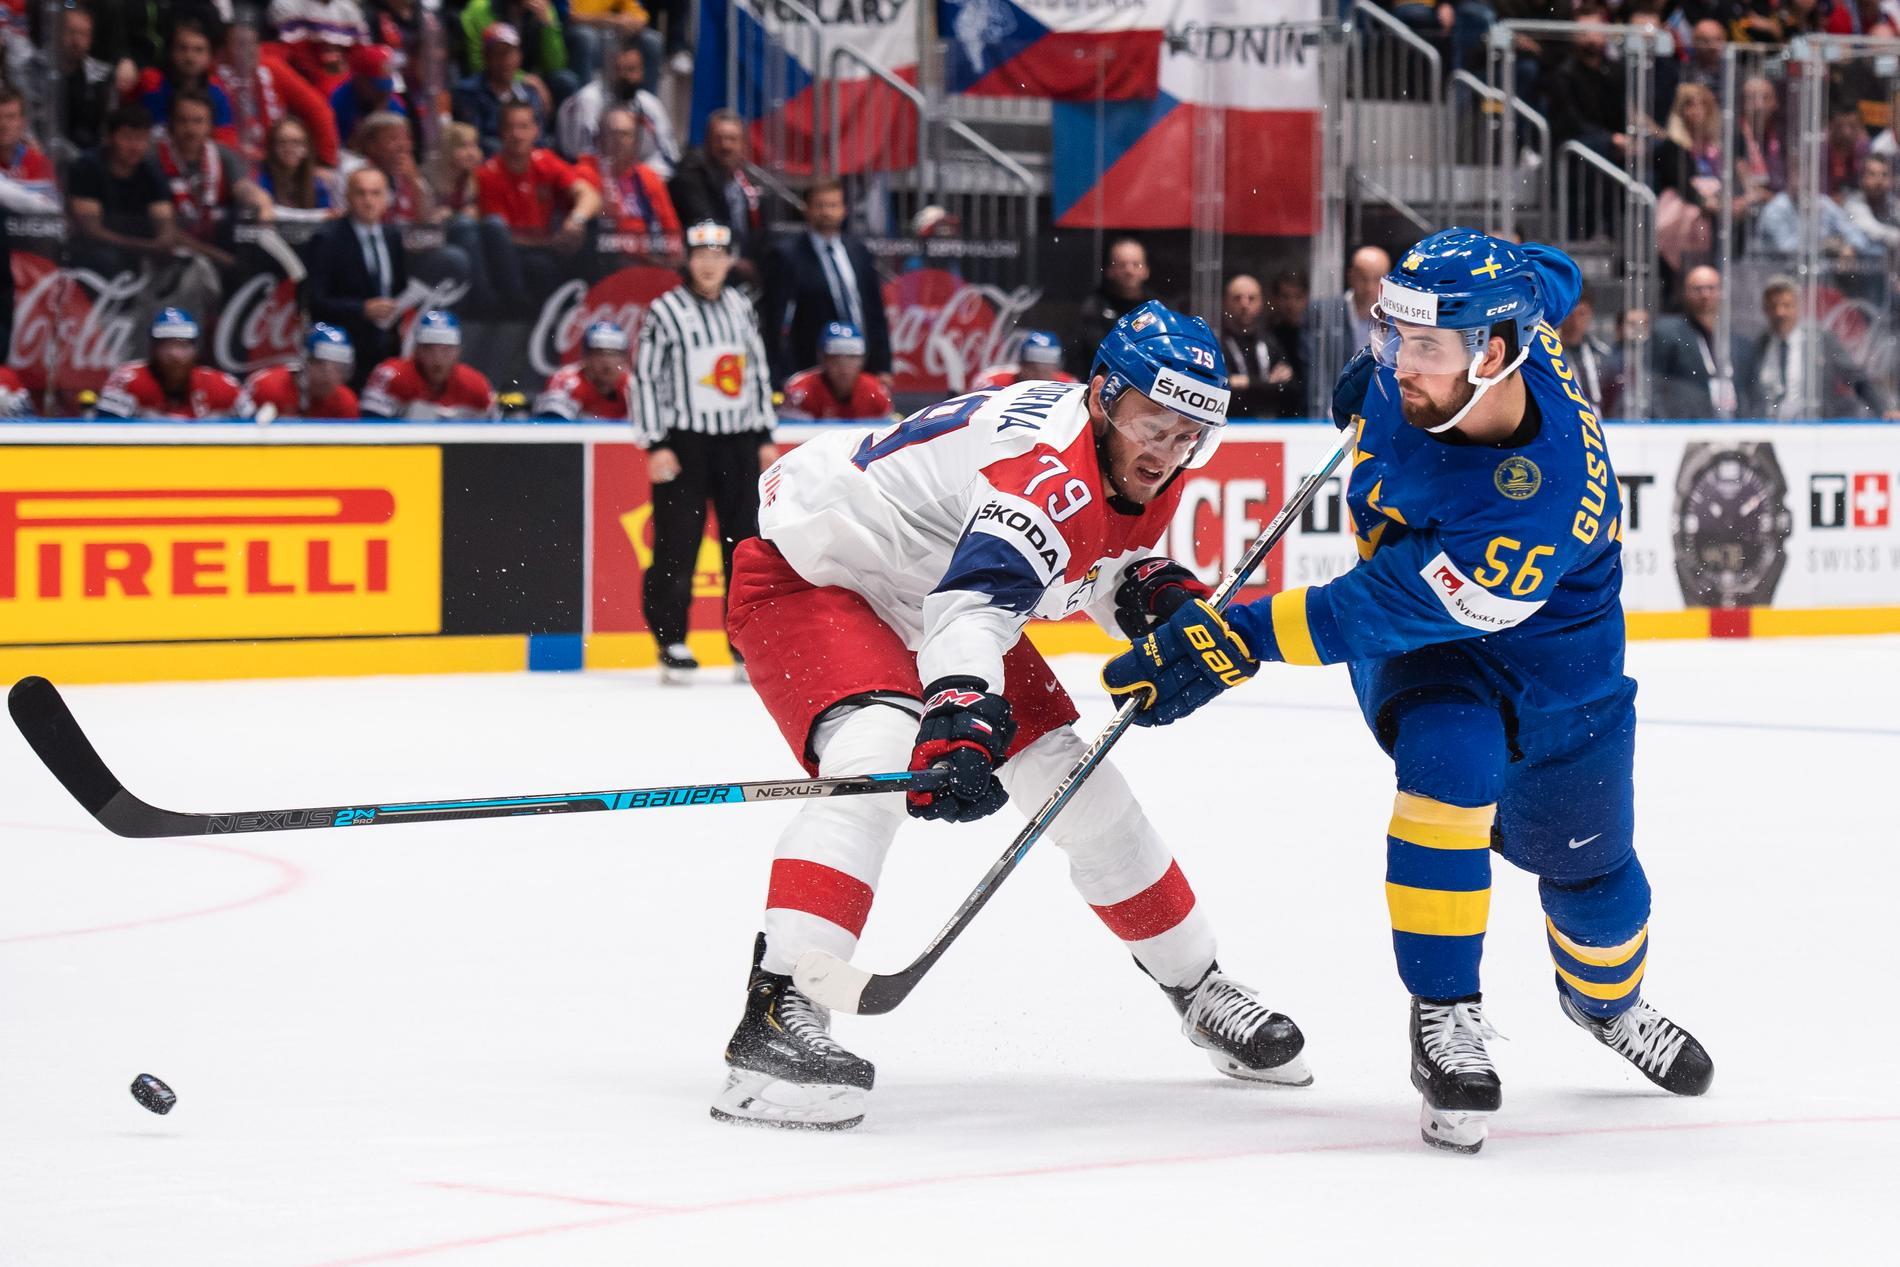 Tre kronor öppningsmatch är mot Tjeckien.